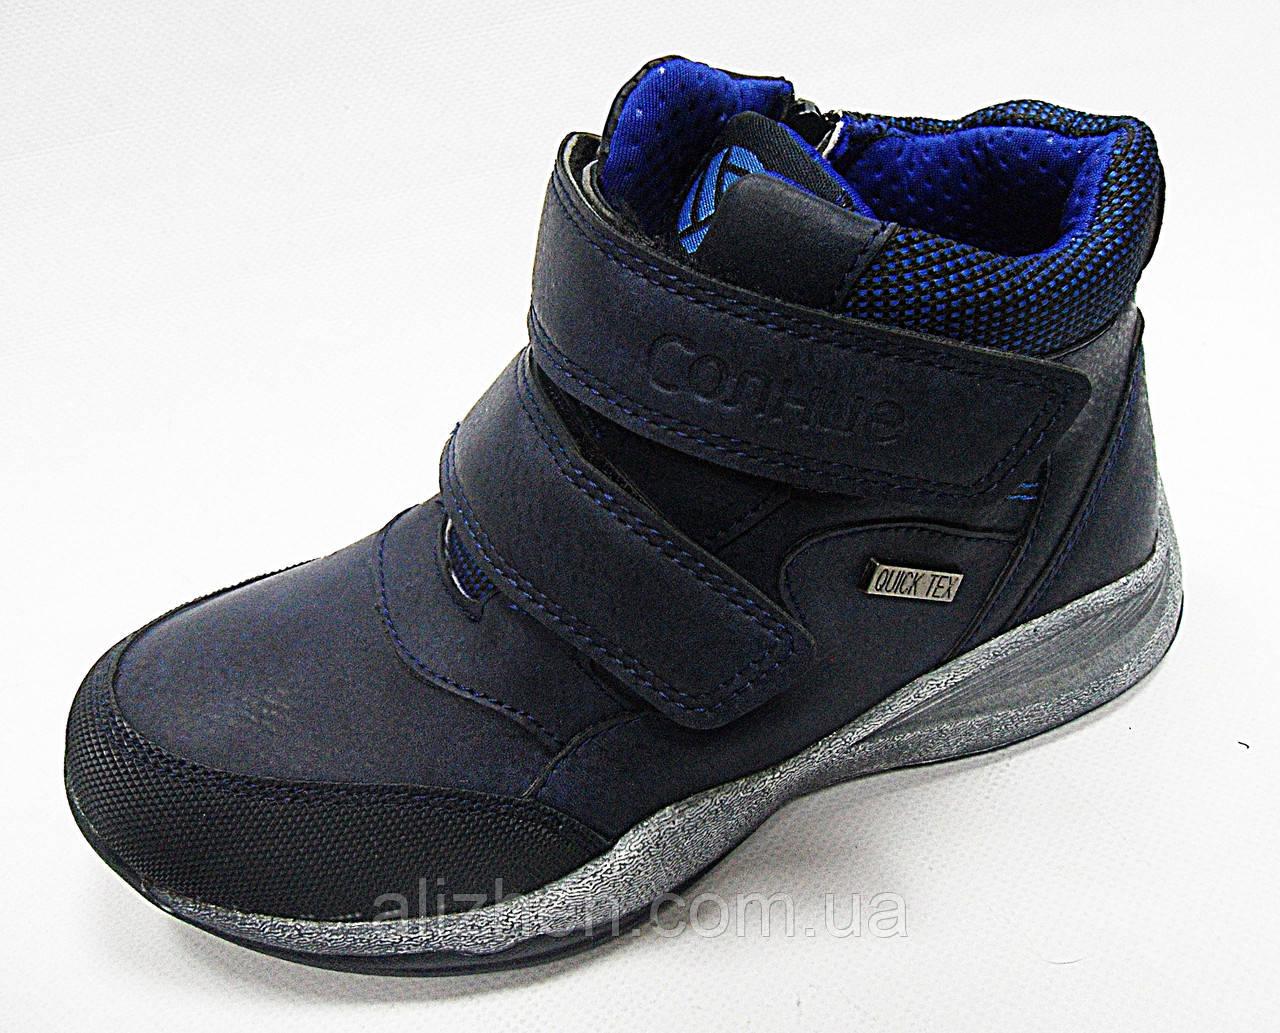 Демисезонные ботинки для мальчика тм Сонце, размер 35 синие